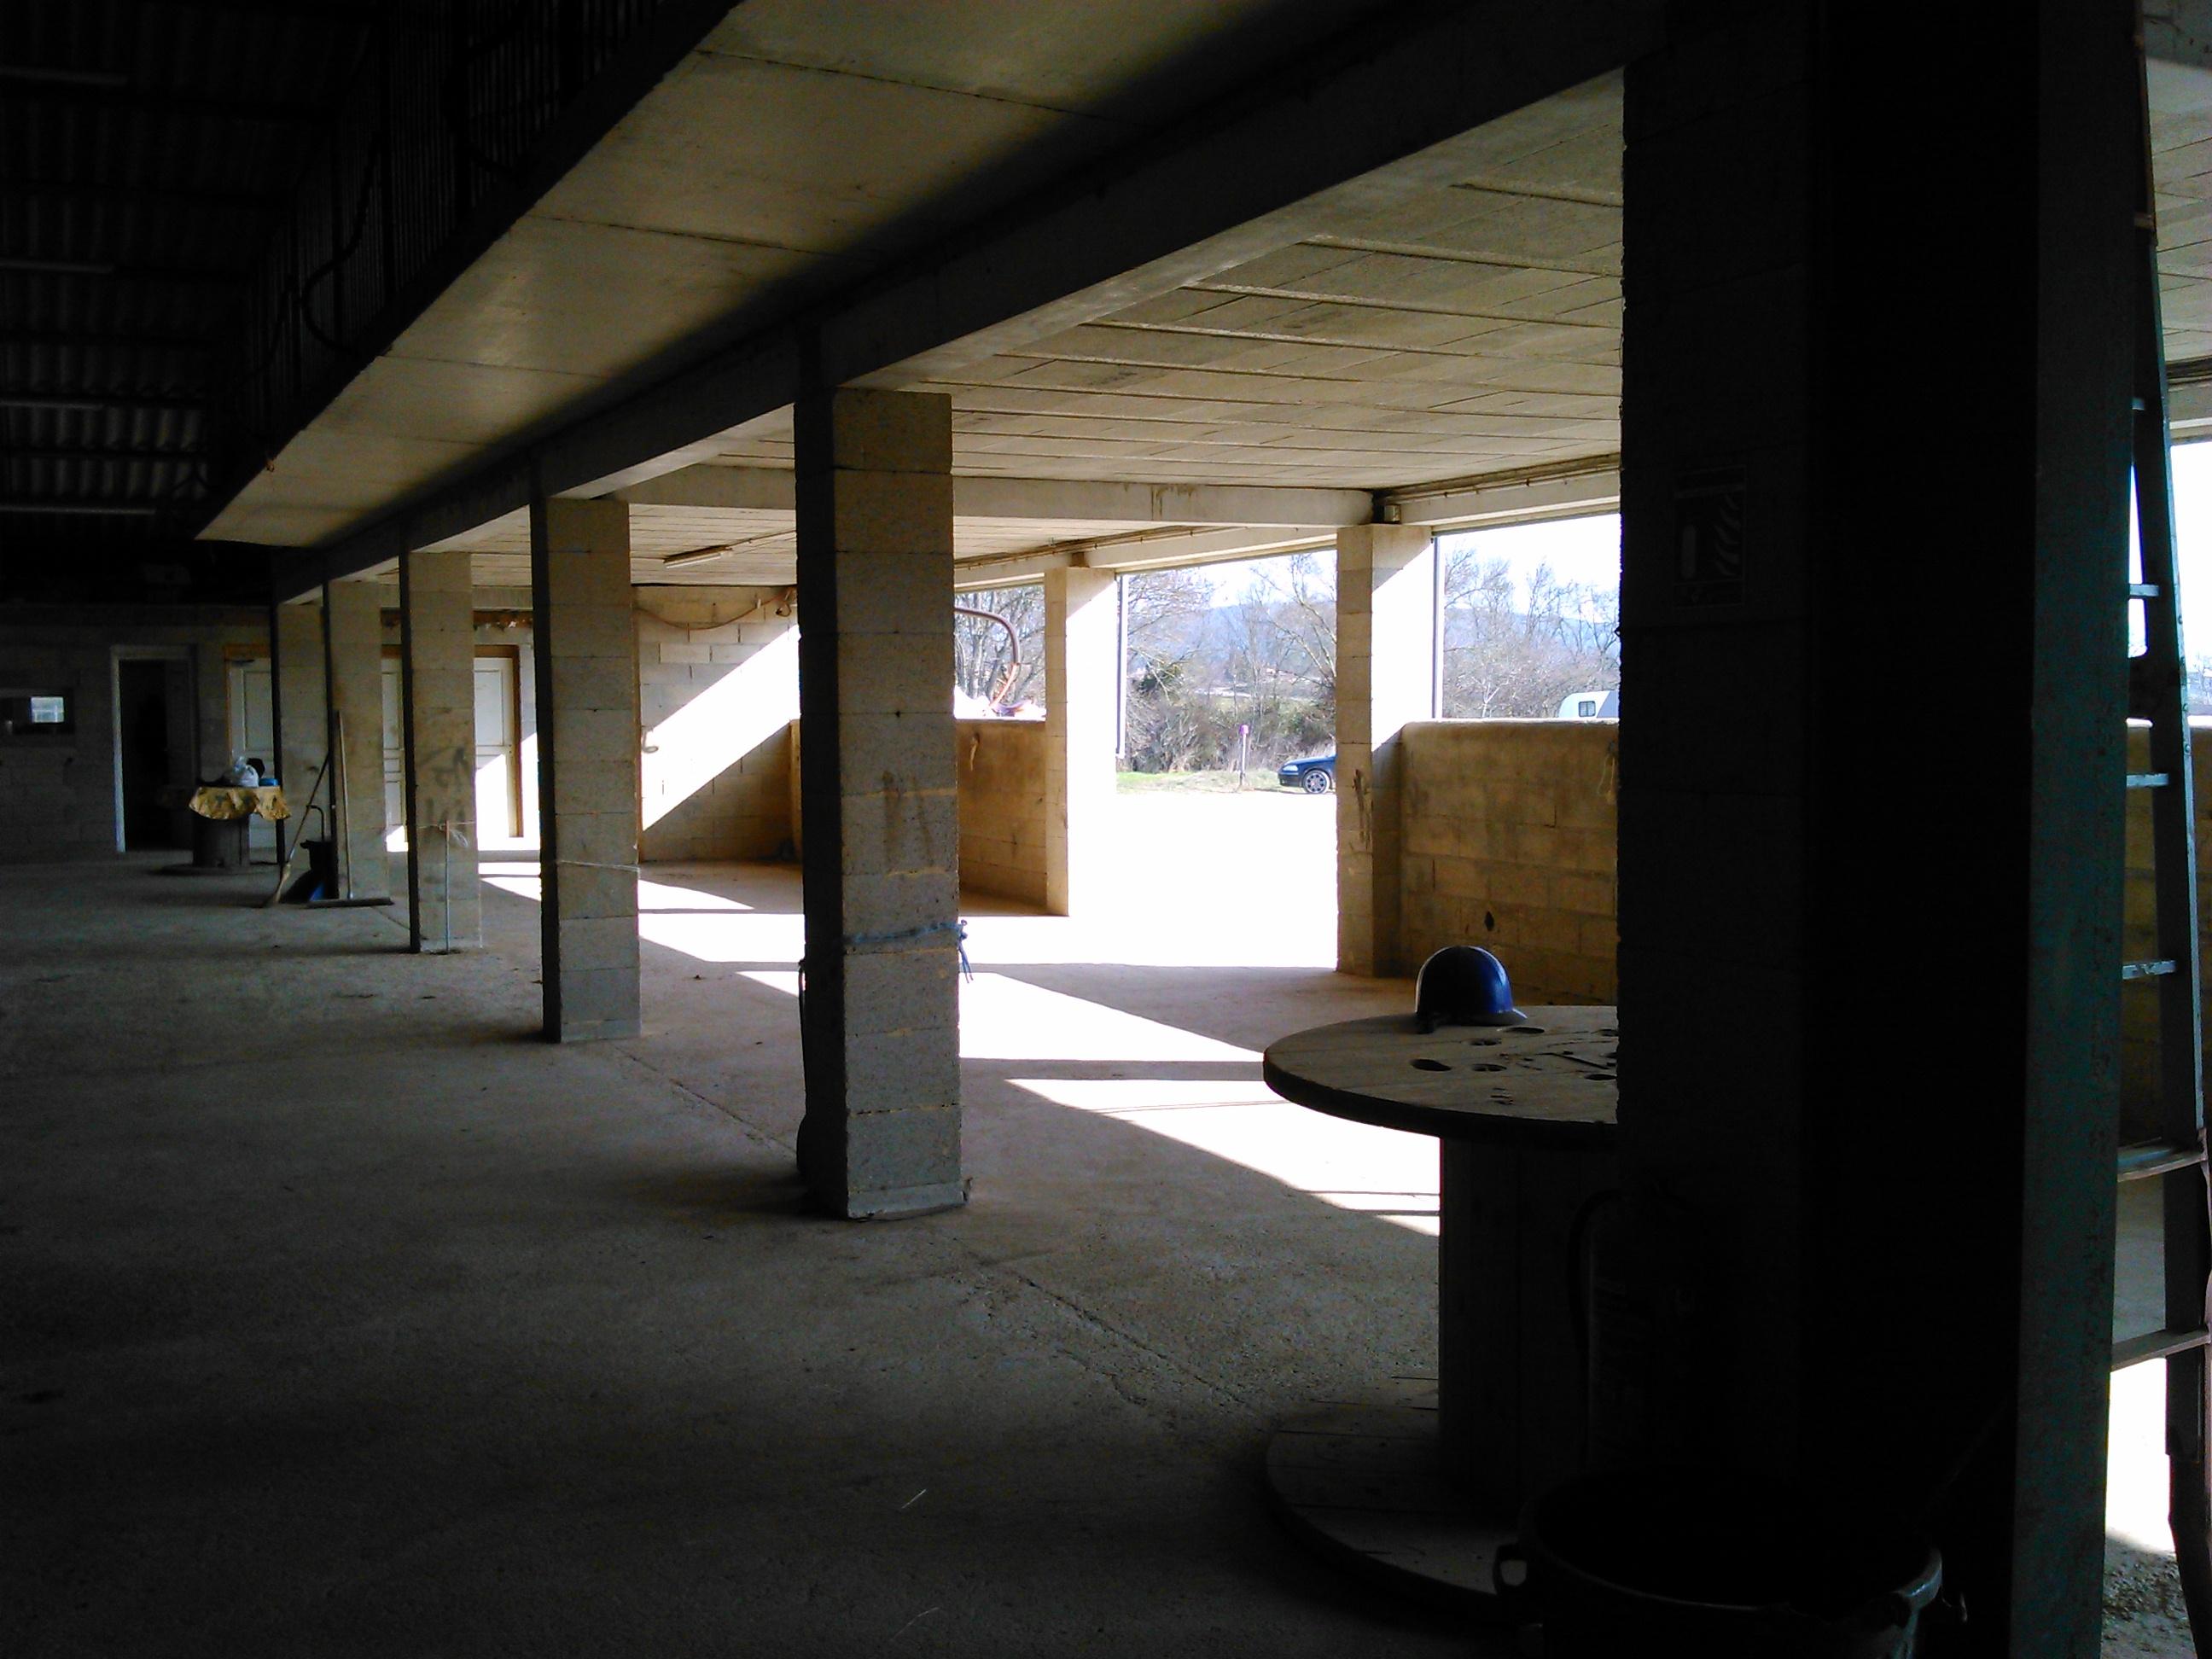 Vastes espaces d'attache intérieurs